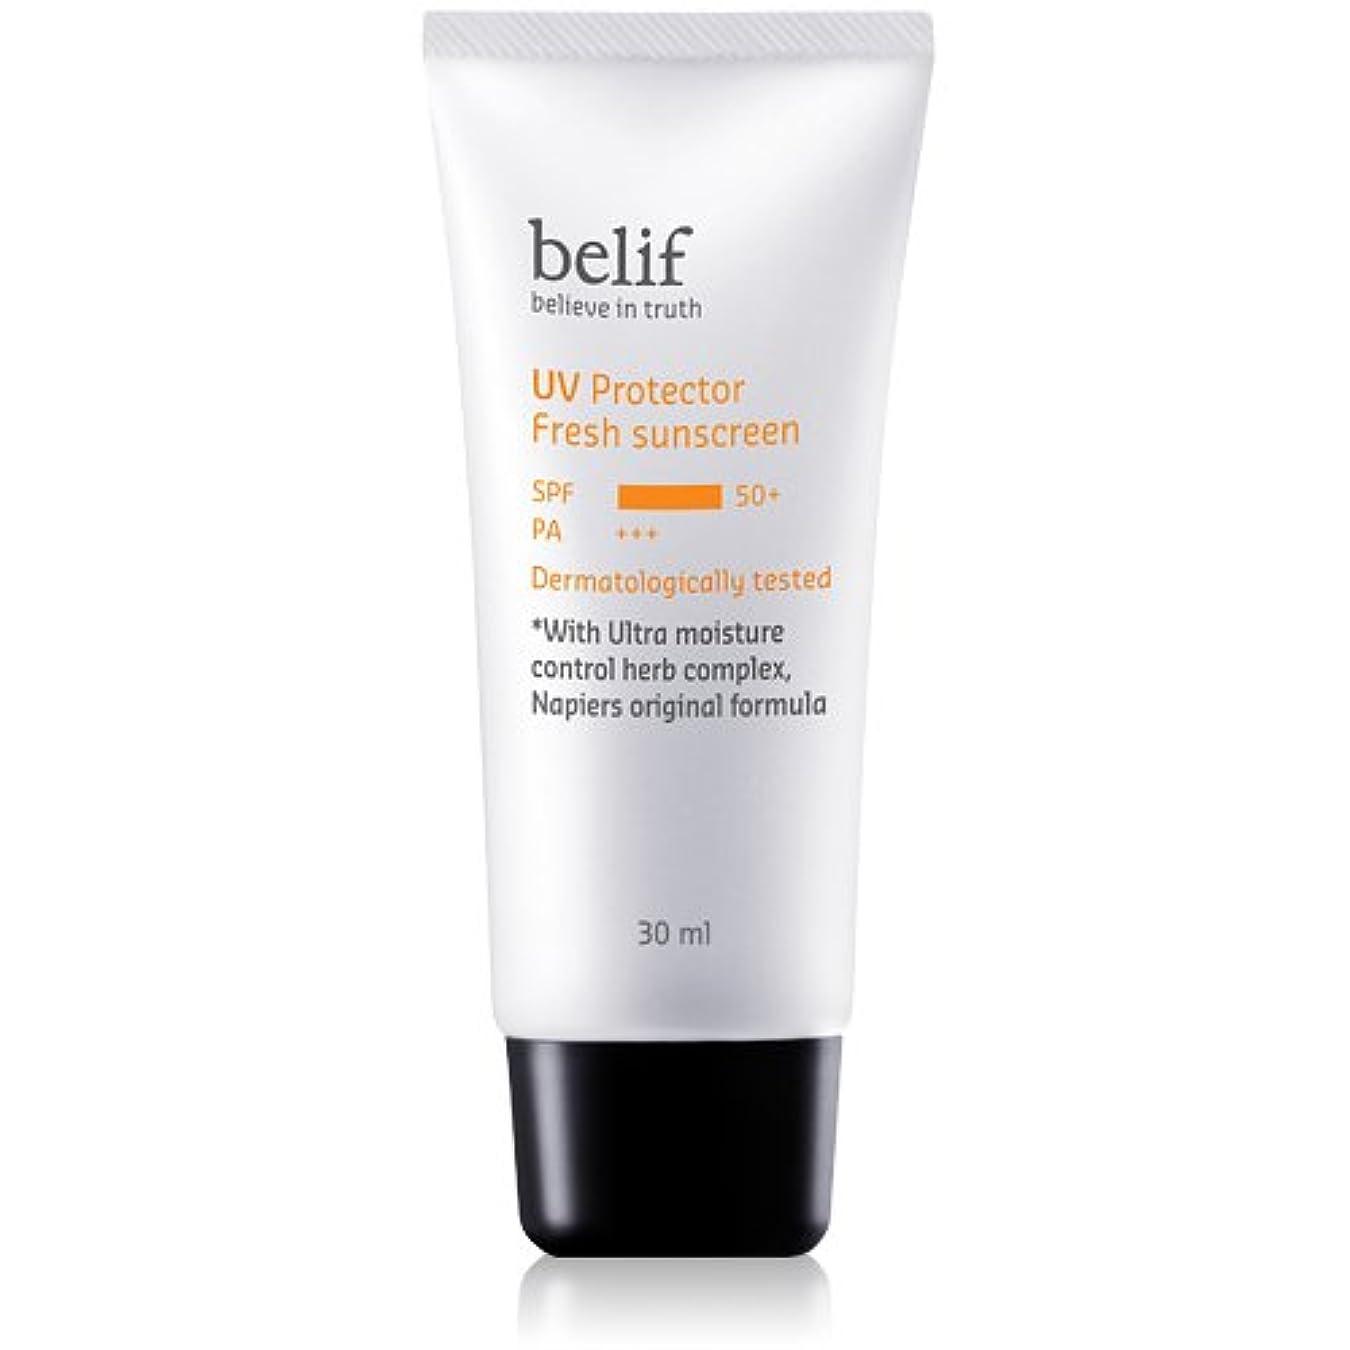 削減血色の良い居心地の良いBelif(ビリーフ)UV Protector Fresh sunscreen 30ml/ビリーフUVプロテクターフレッシュサンスクリーン